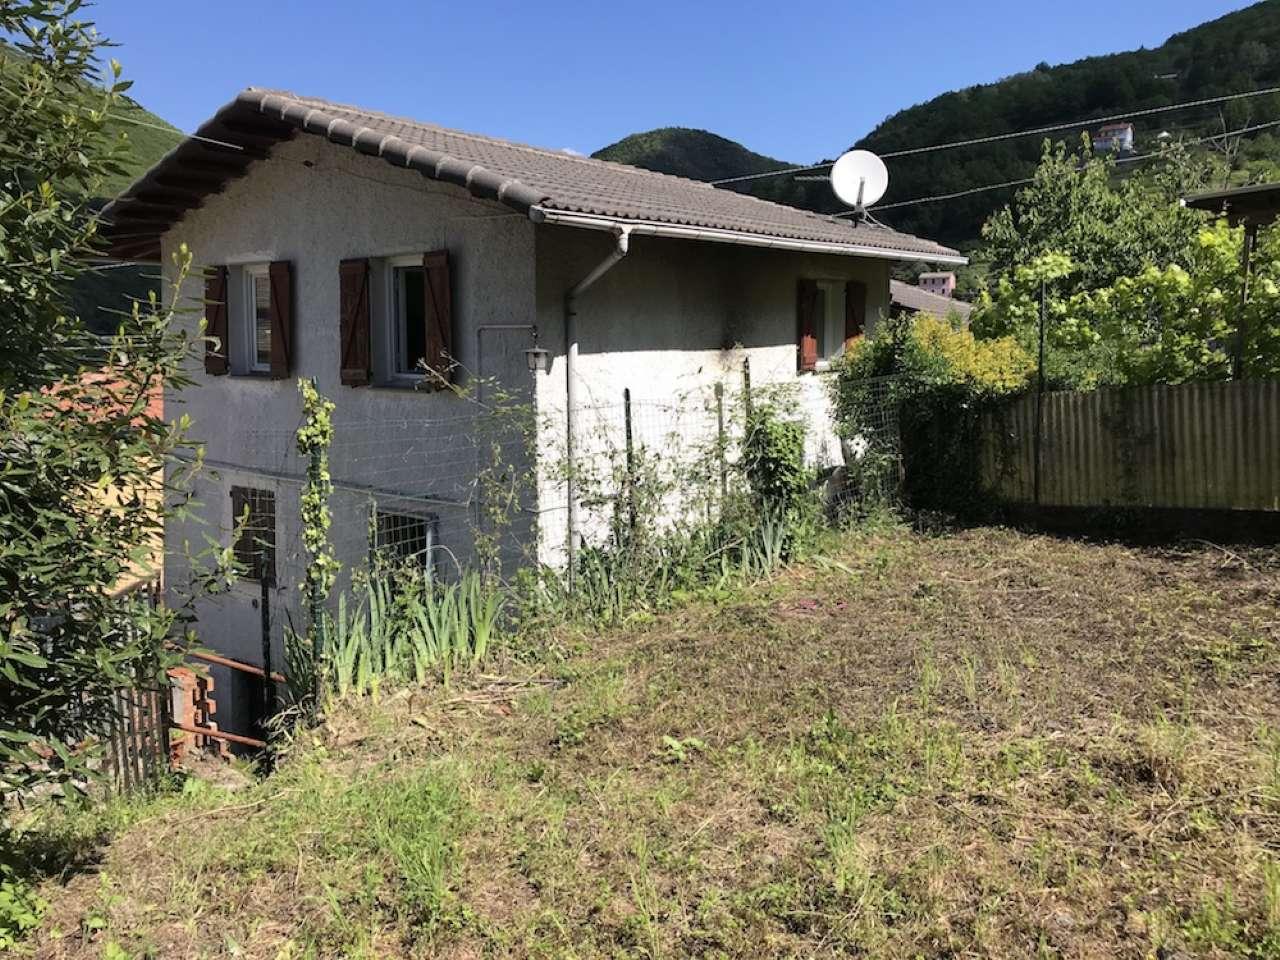 Soluzione Indipendente in vendita a Neirone, 5 locali, prezzo € 95.000 | PortaleAgenzieImmobiliari.it